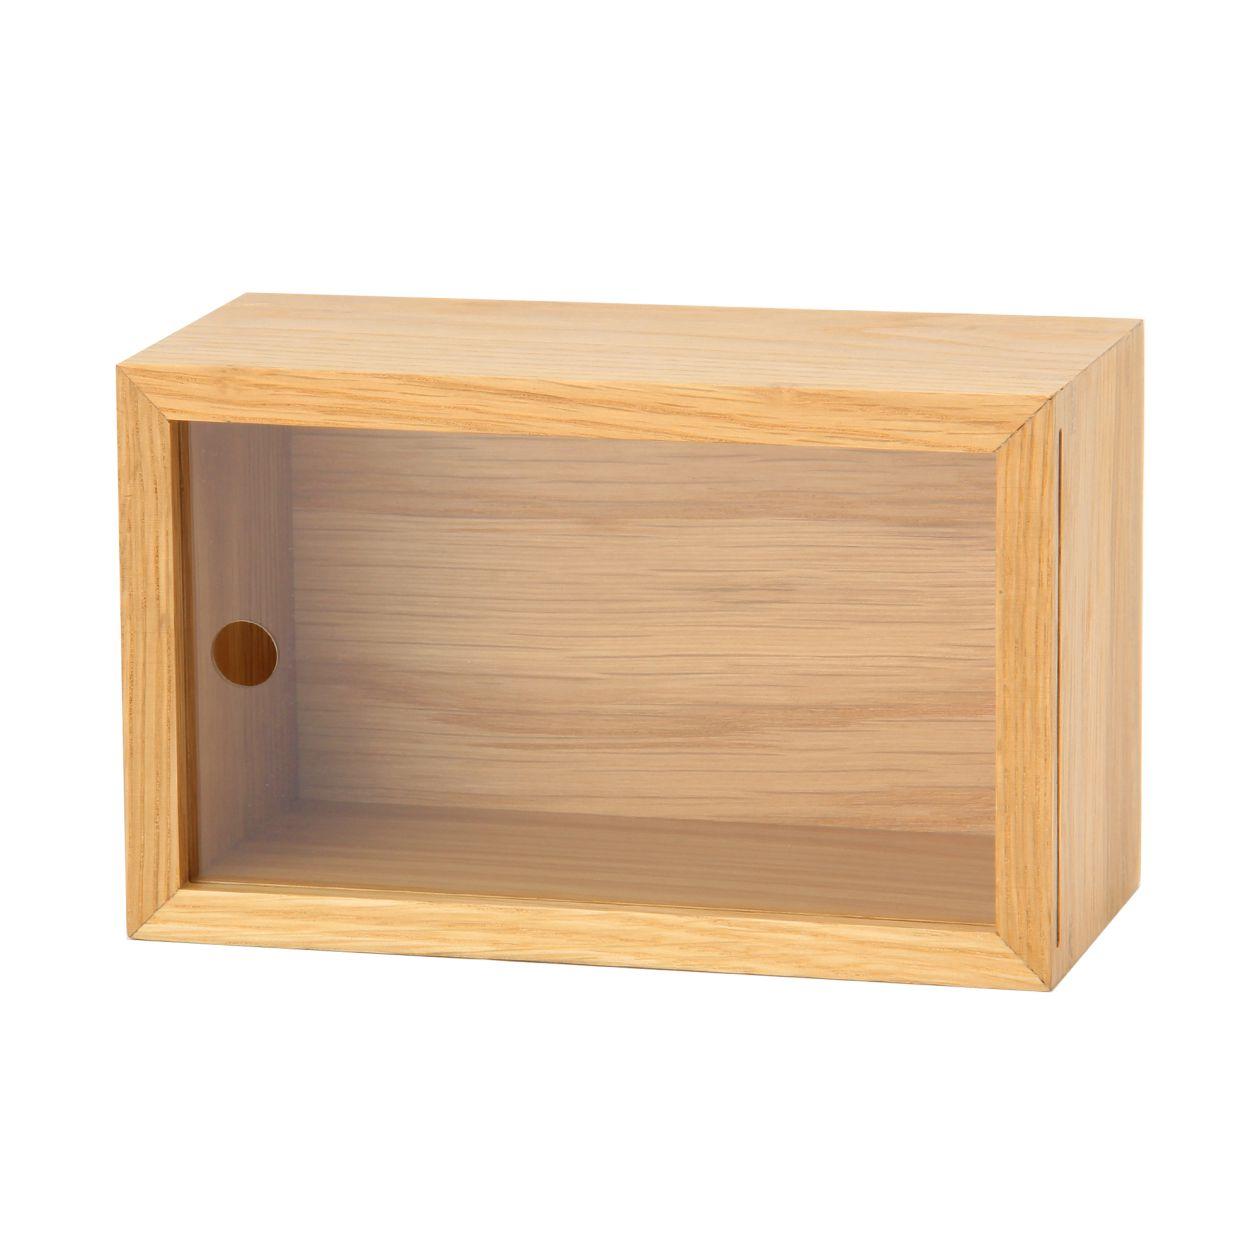 エッセンシャルオイル収納ボックス